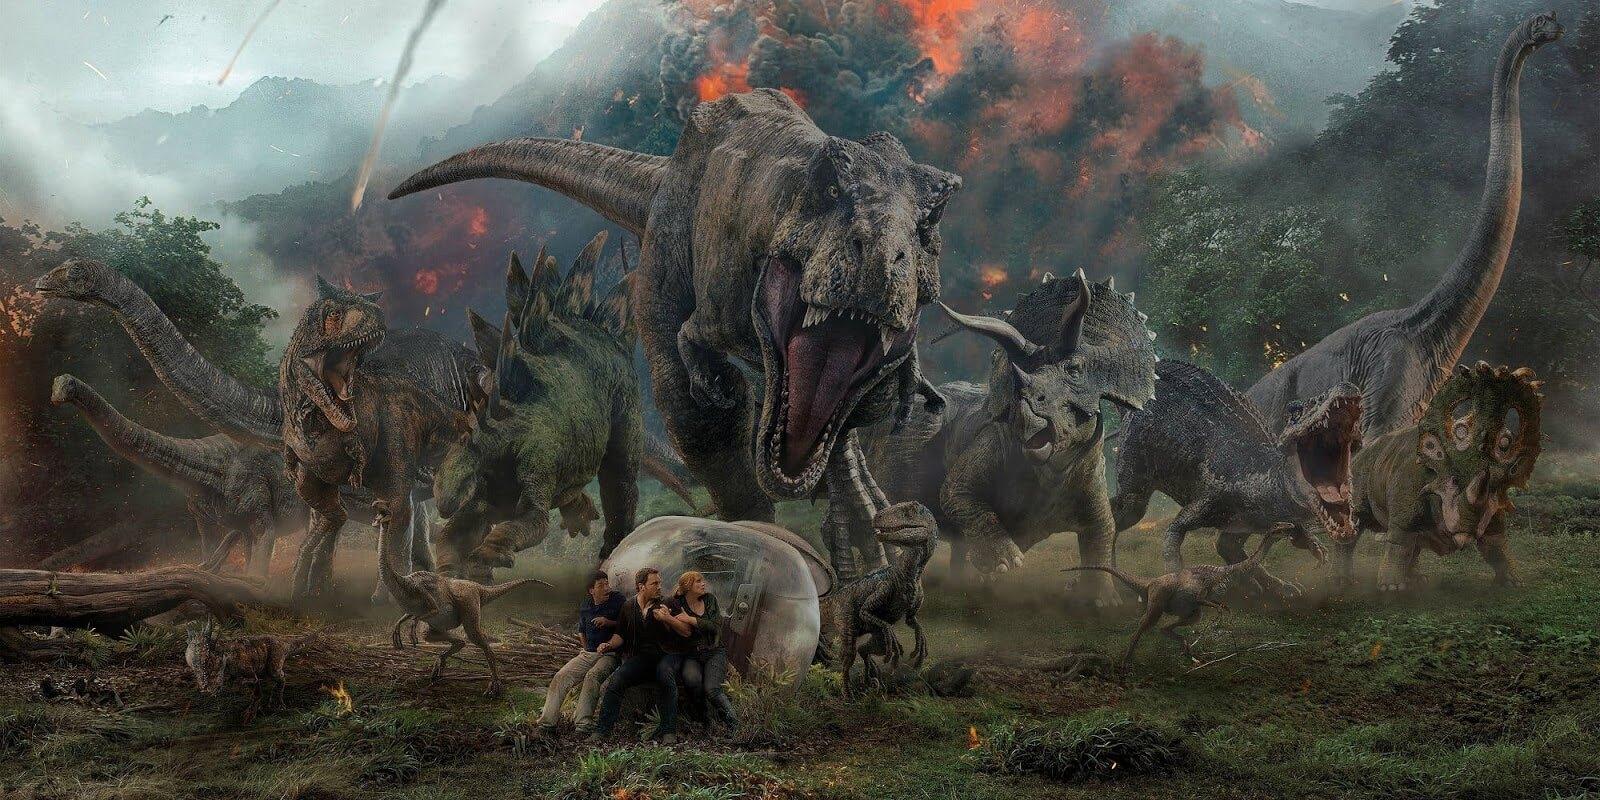 《侏羅紀世界:殞落國度》 劇照